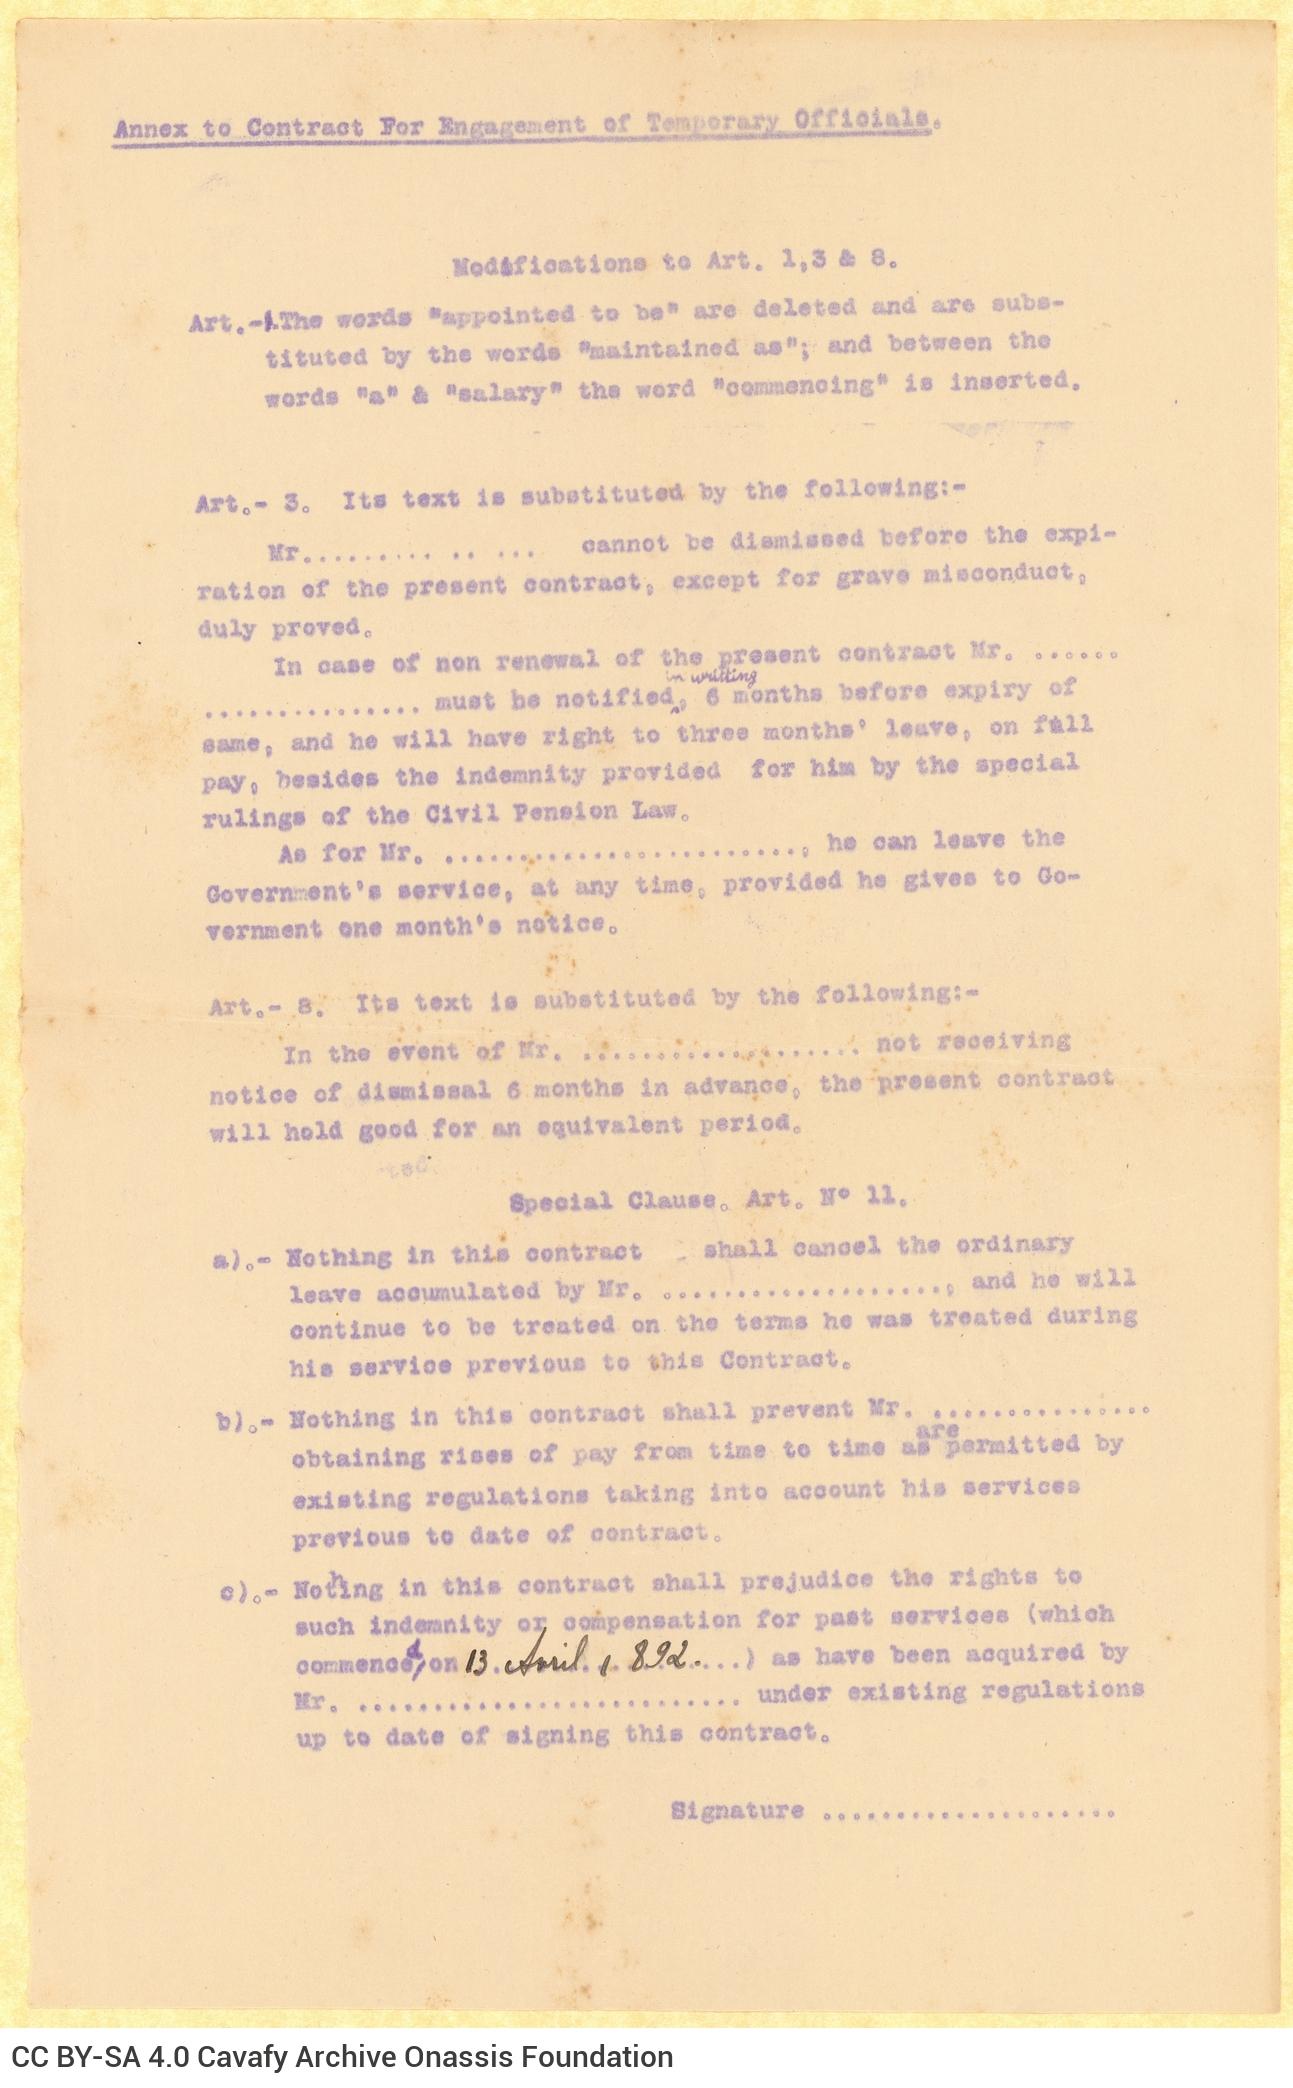 Σύμβαση εργασίας μεταξύ της Αιγυπτιακής Κυβέρνησης και του Καβάφη. �